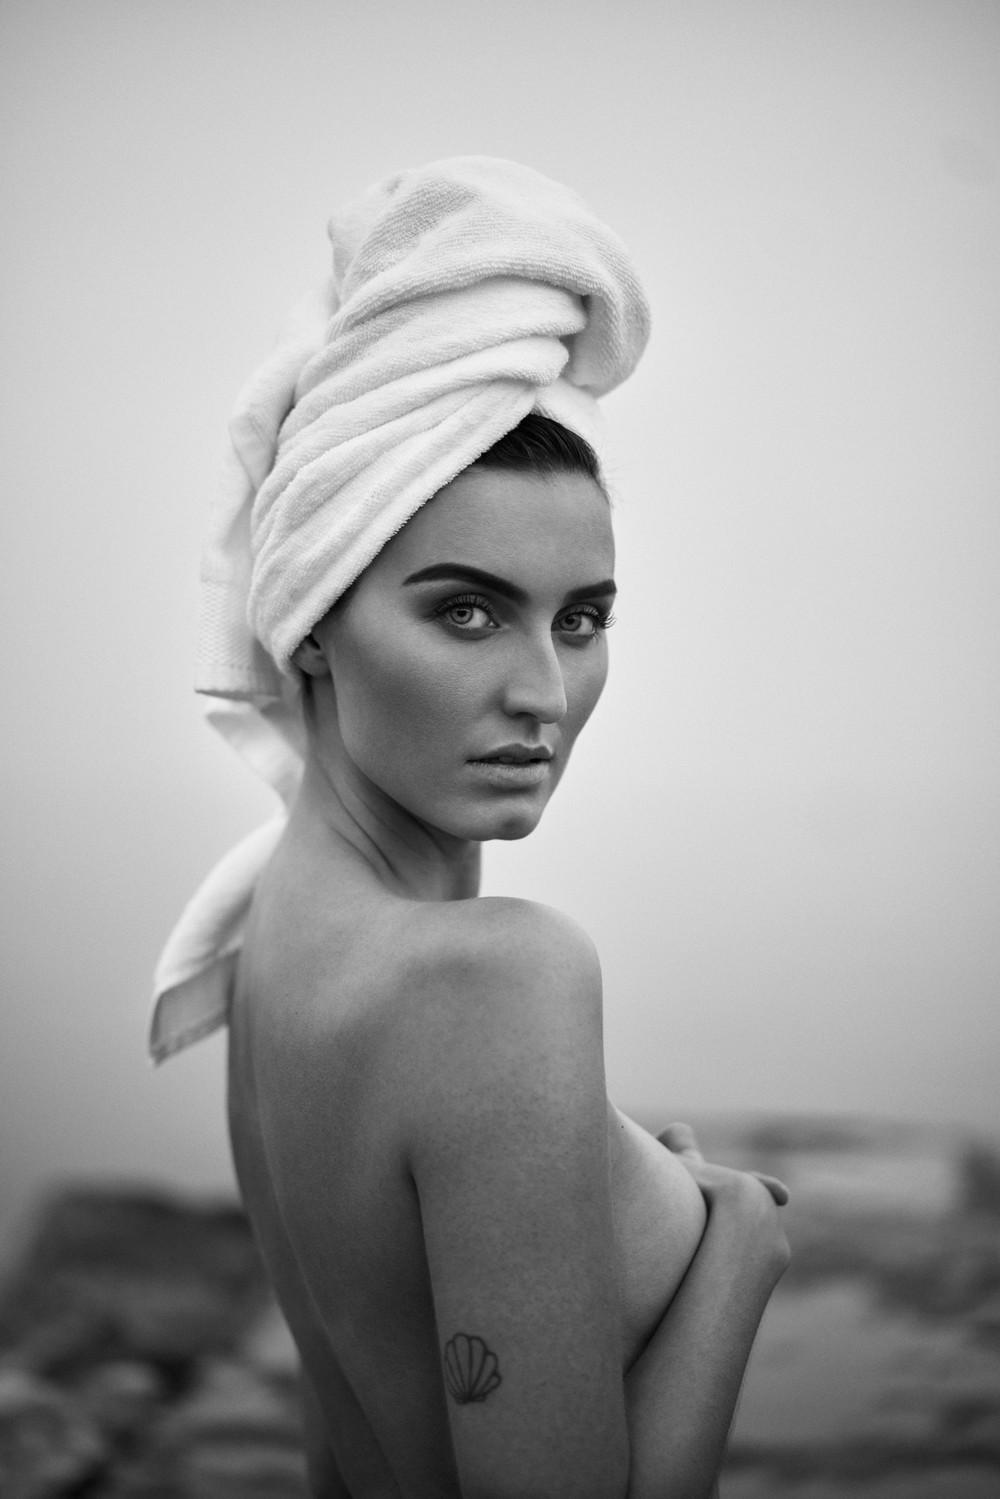 Красивые снимки девушек от Марка Тиу